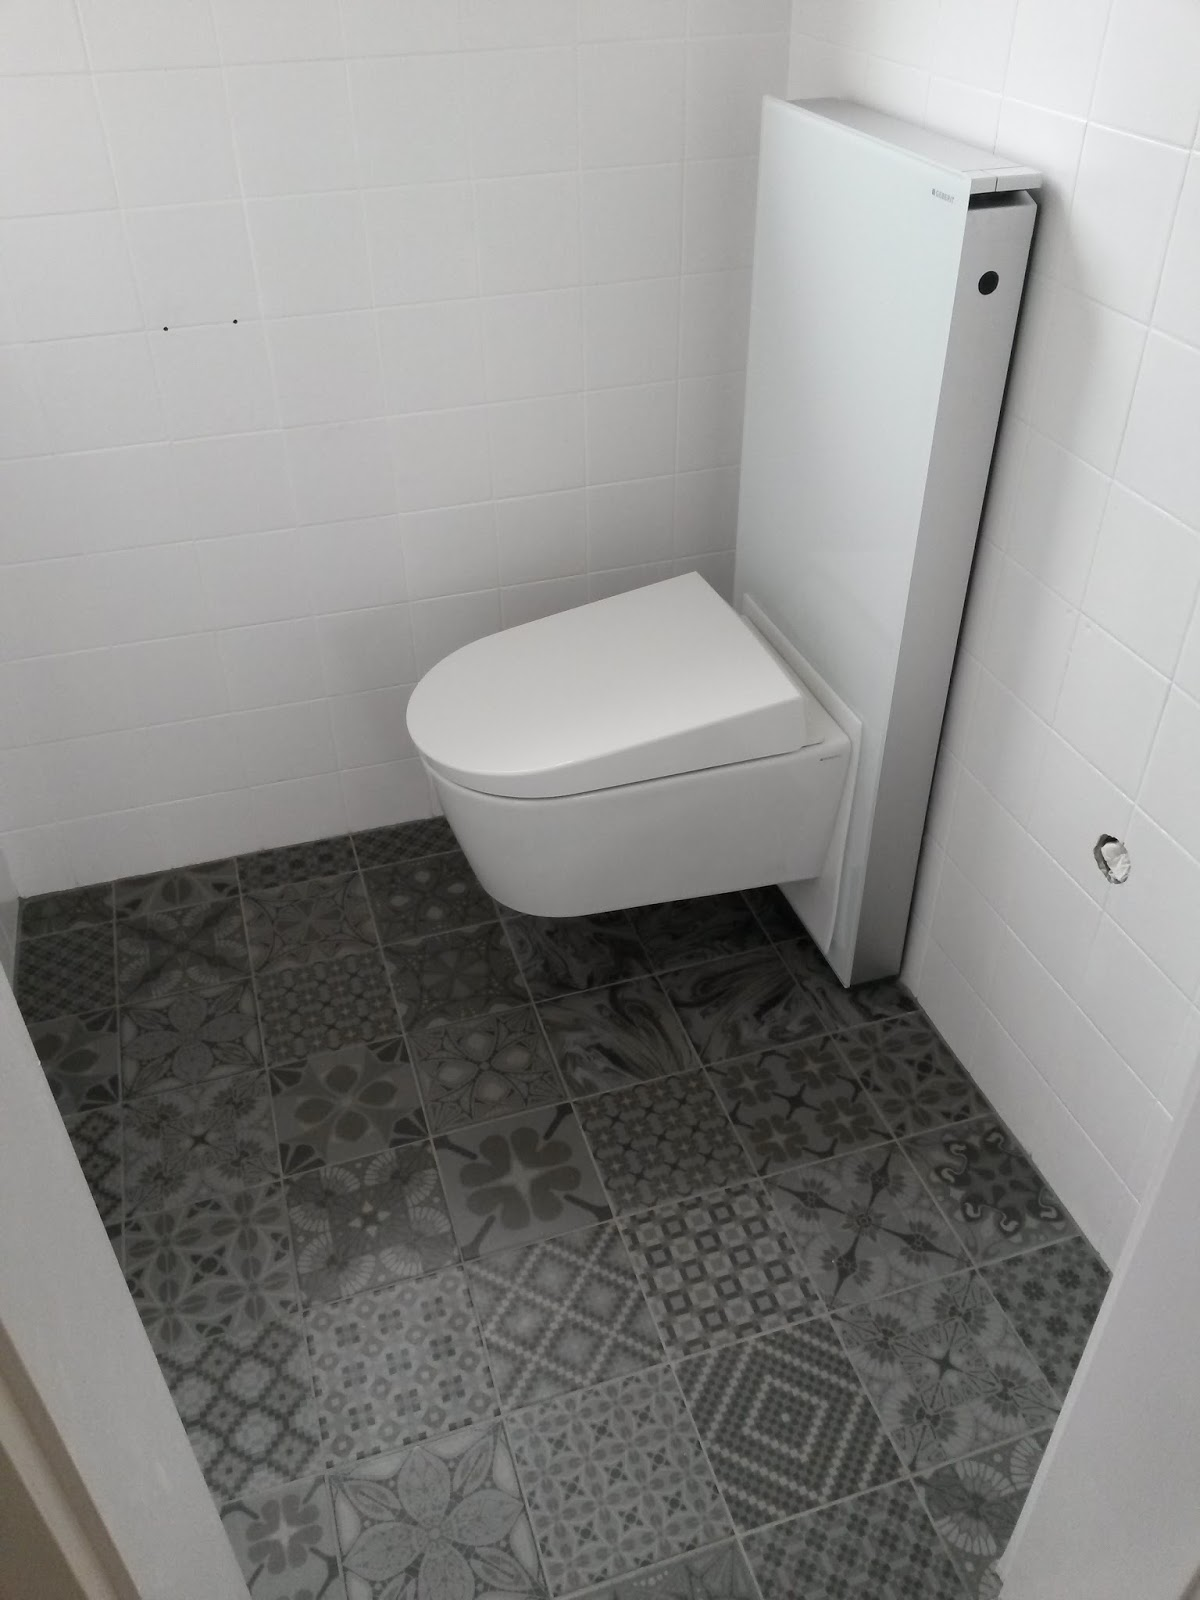 Komplett Neu Lobeshymne auf unser neues Dusch-WC - WOHN:PROJEKT - der Mama  OR83